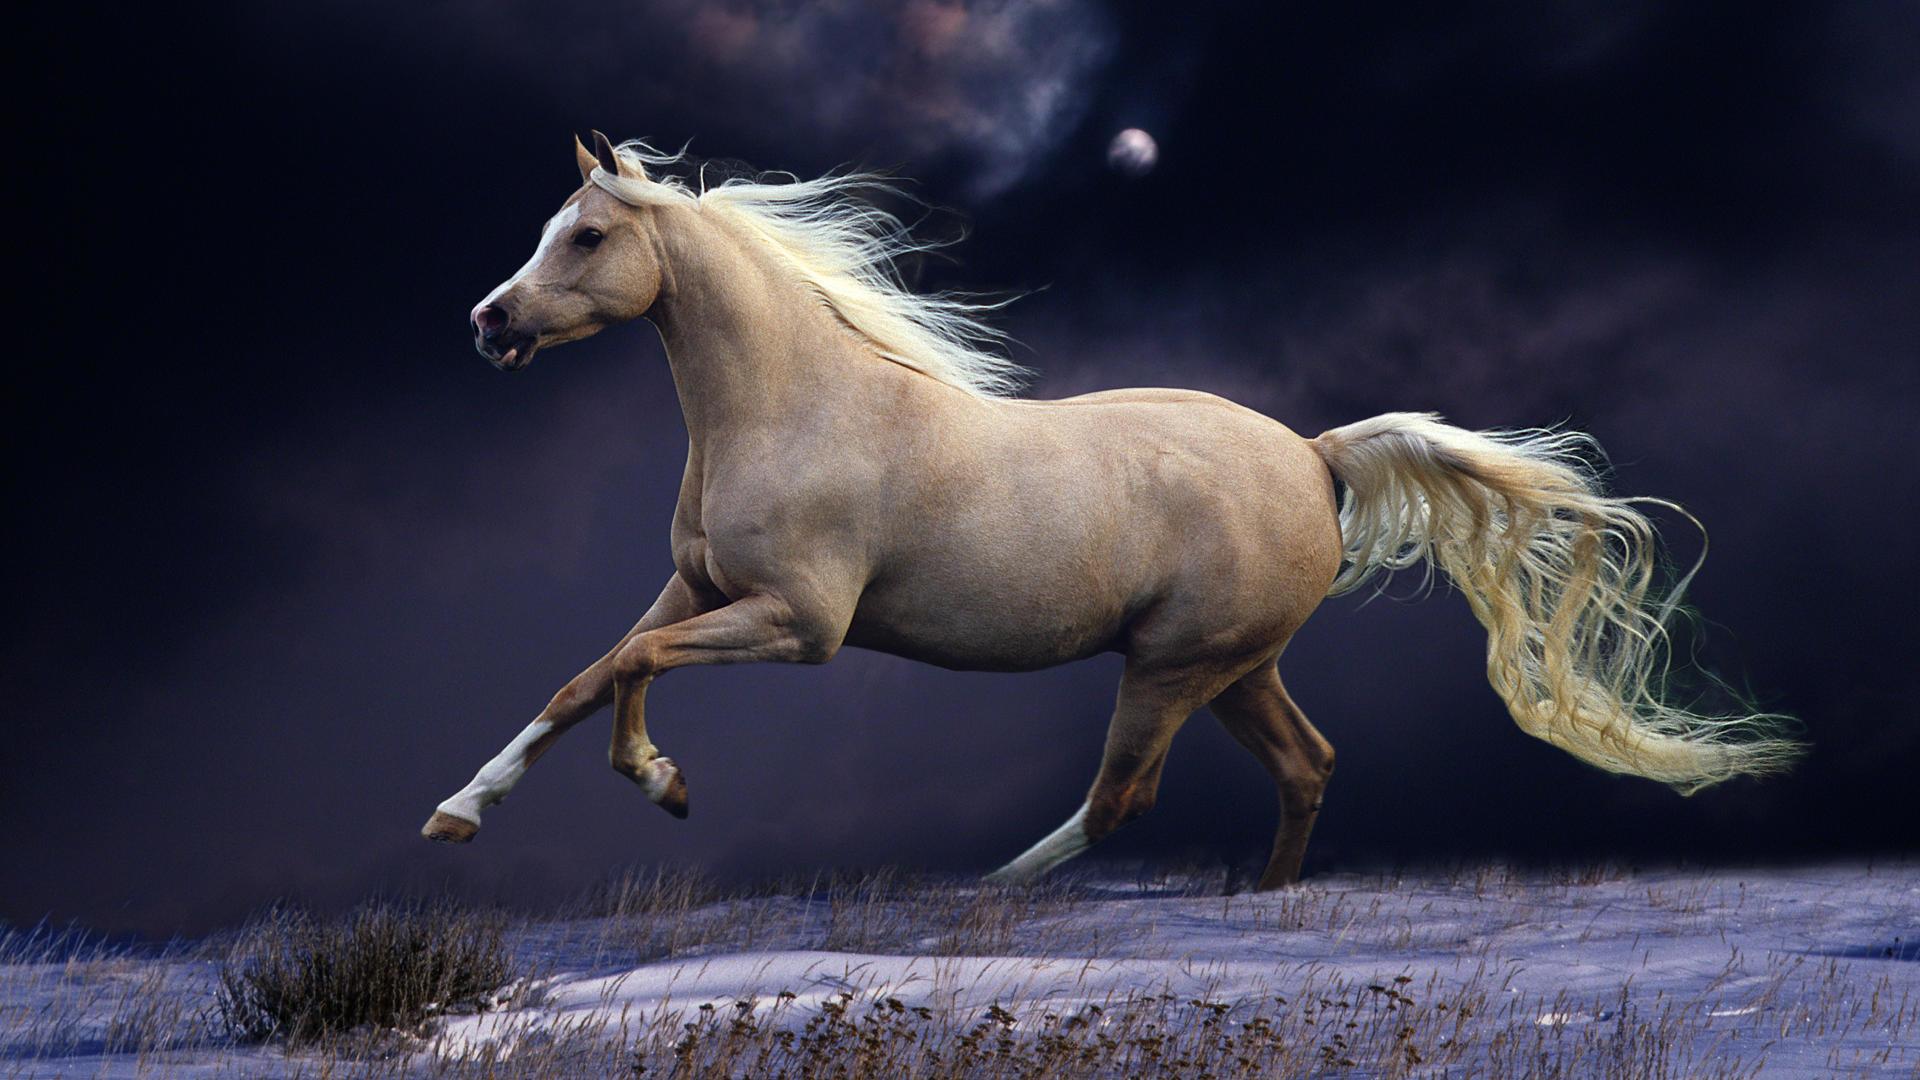 Res: 1920x1080, Horse Wallpaper